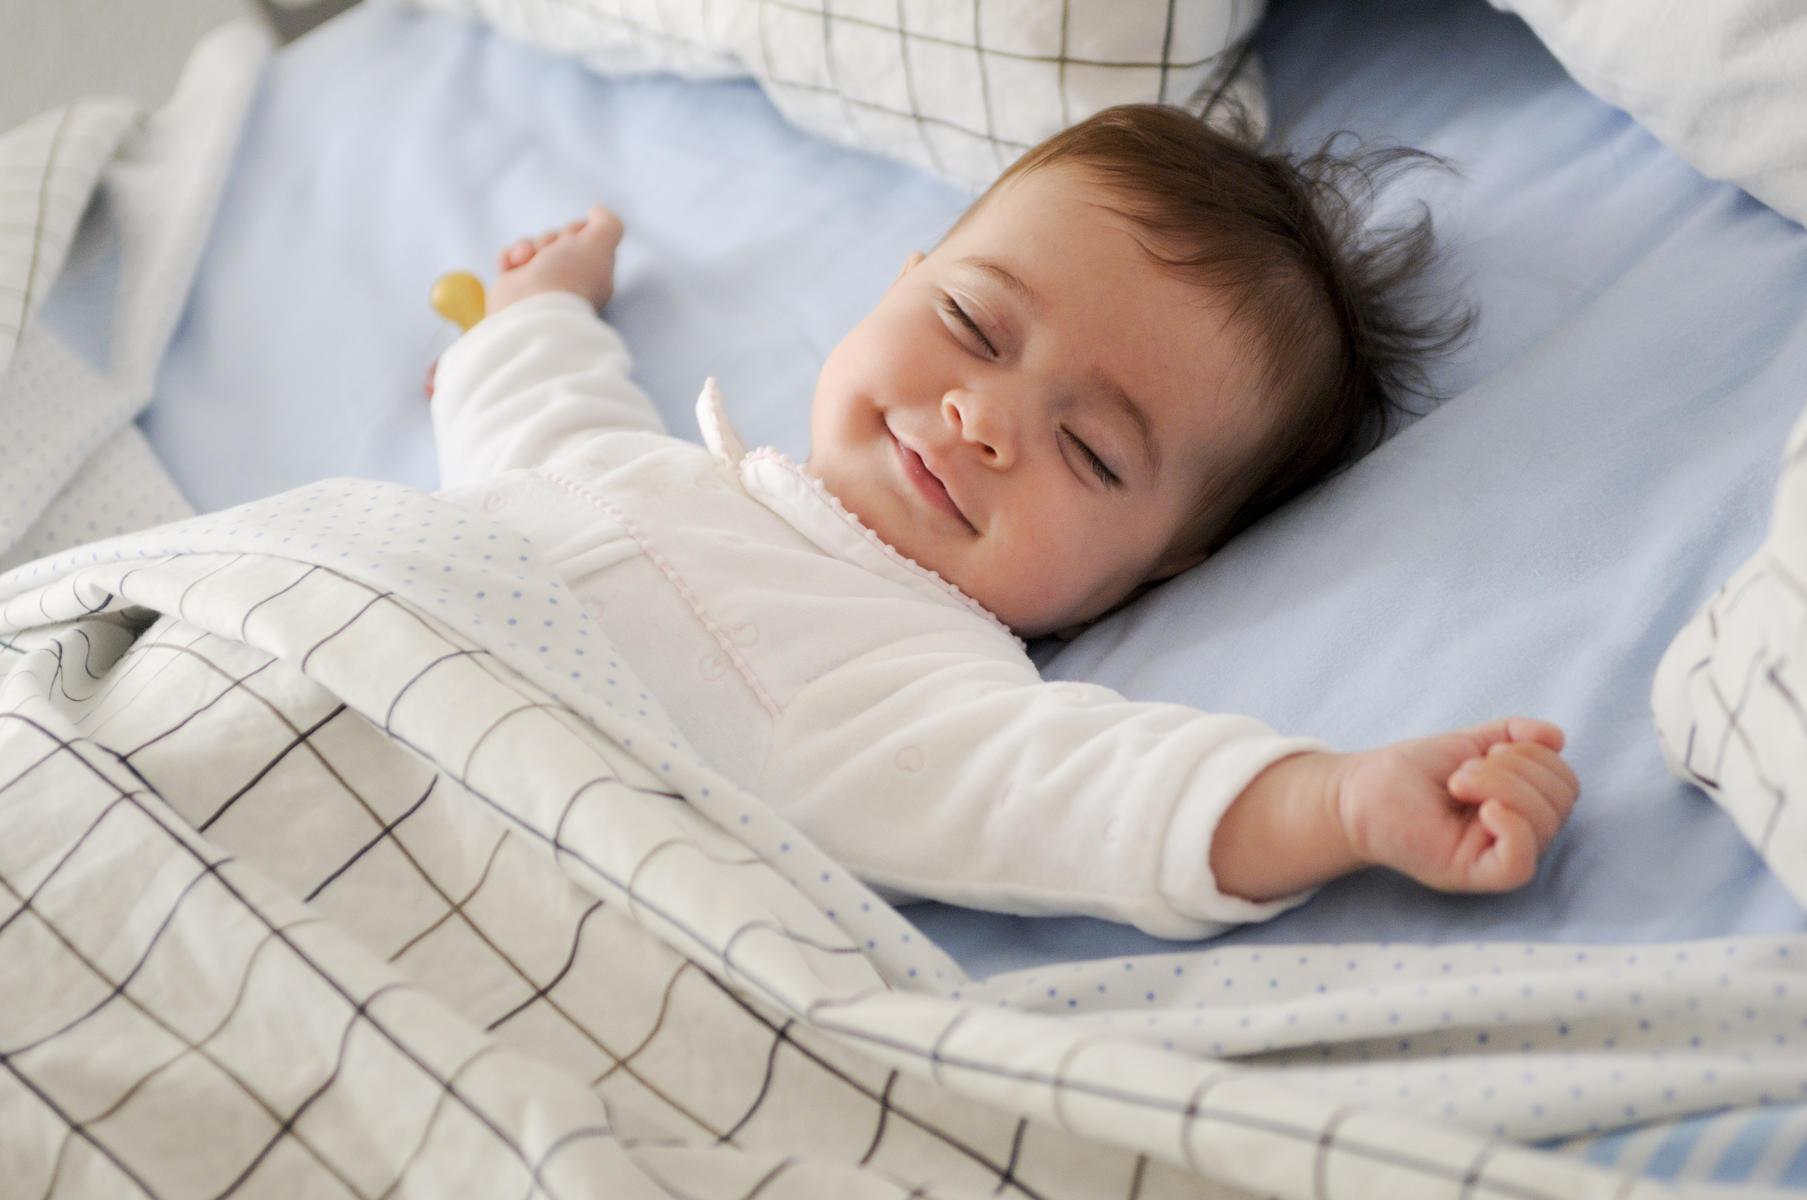 10 Tips to sleep well